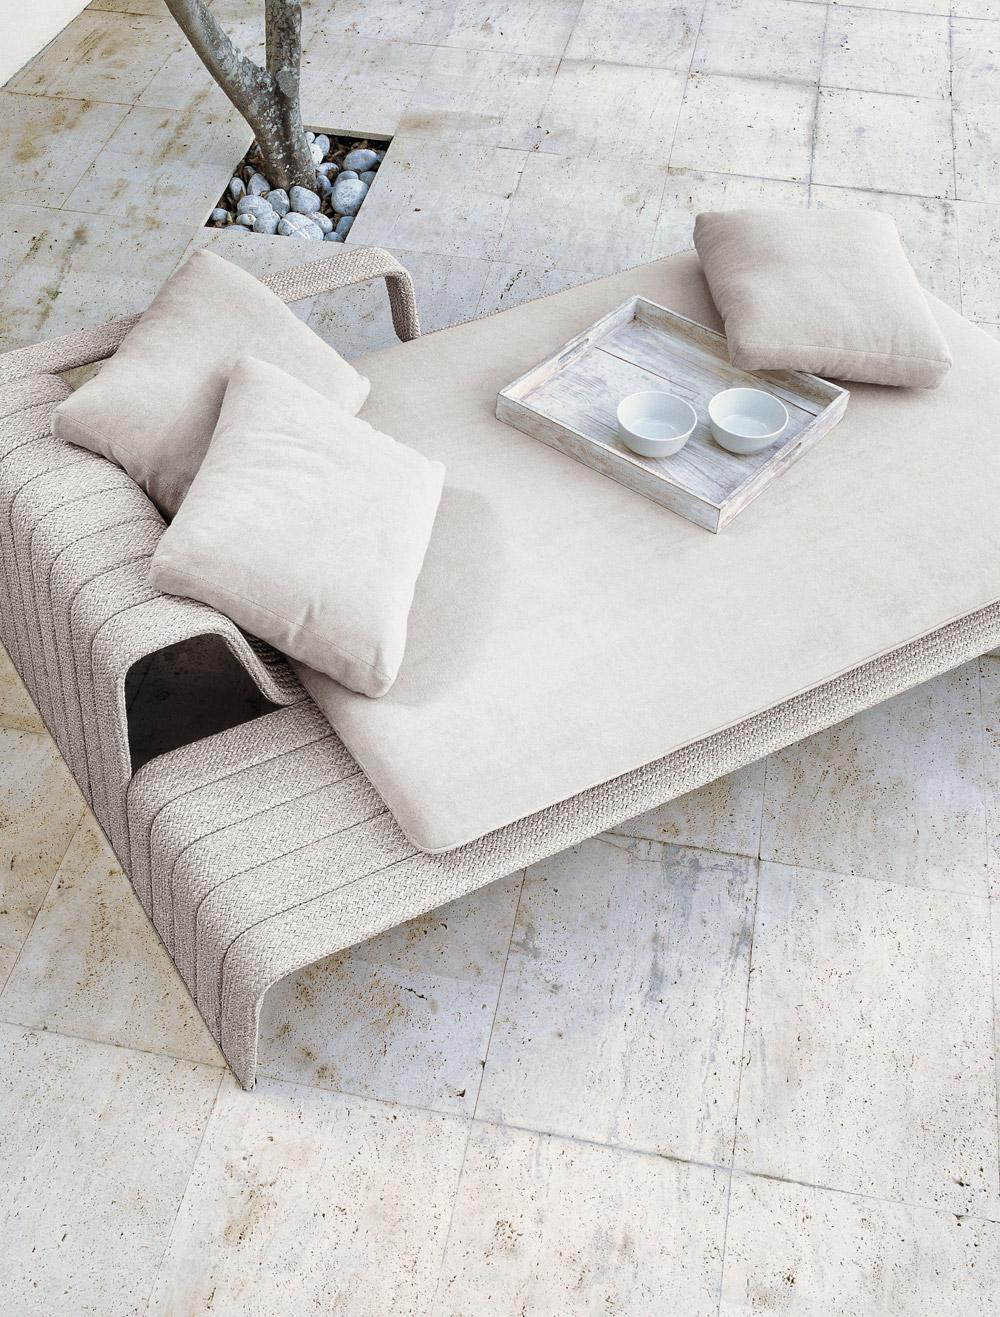 Frame di paola lenti divani e poltrone outdoor for Paola lenti